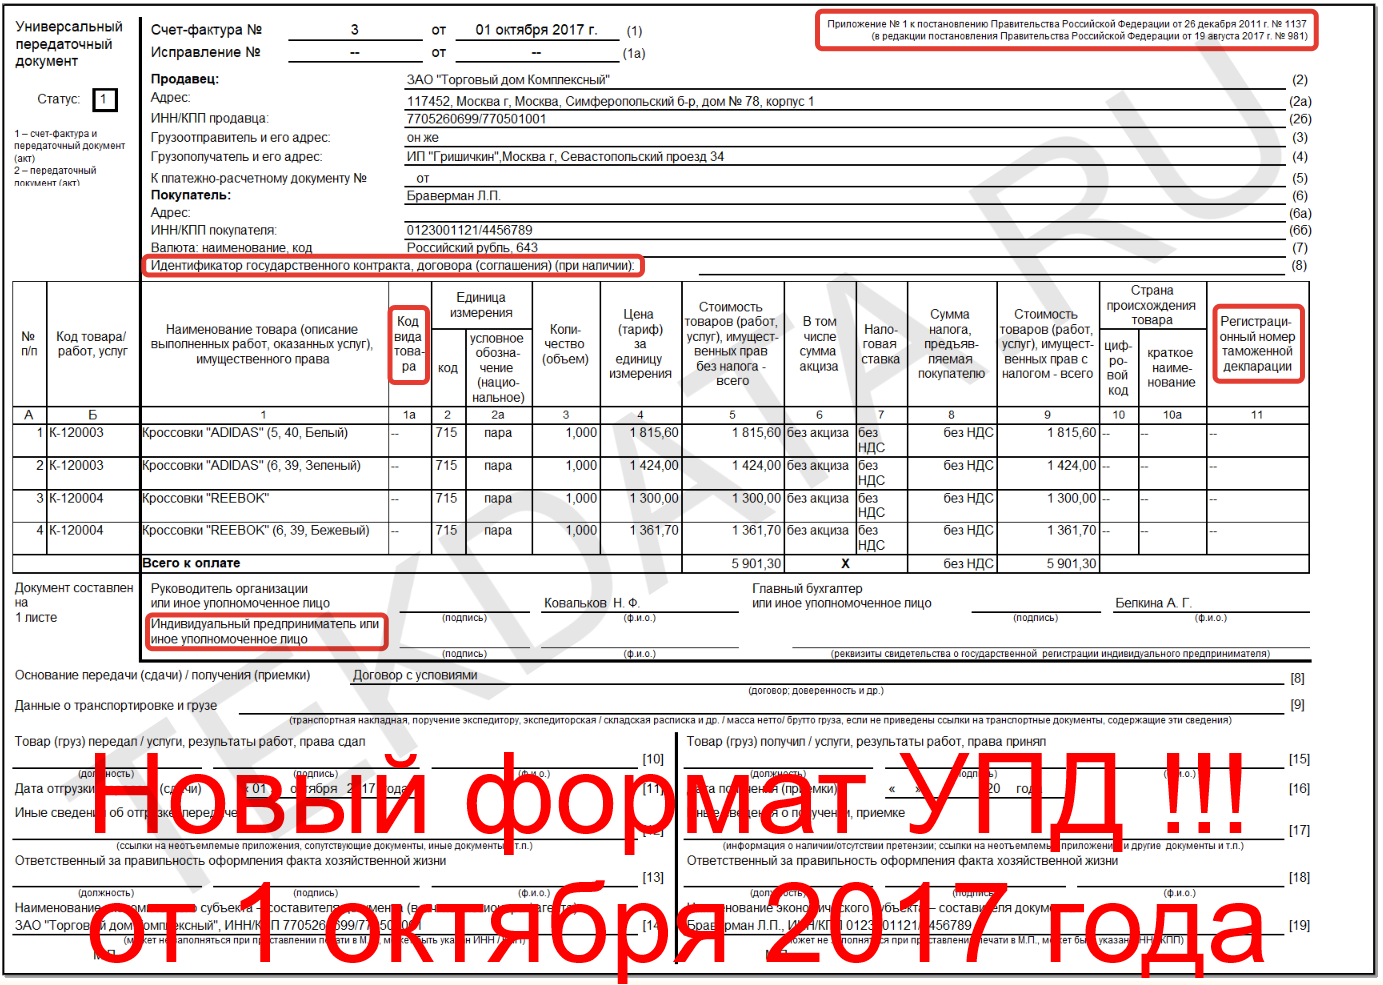 УПД для 1С Управление торговлей 10.3 (НОВЫЙ ФОРМАТ ⚑ от 1-го Октября 2017!) (Внешняя печатная форма)